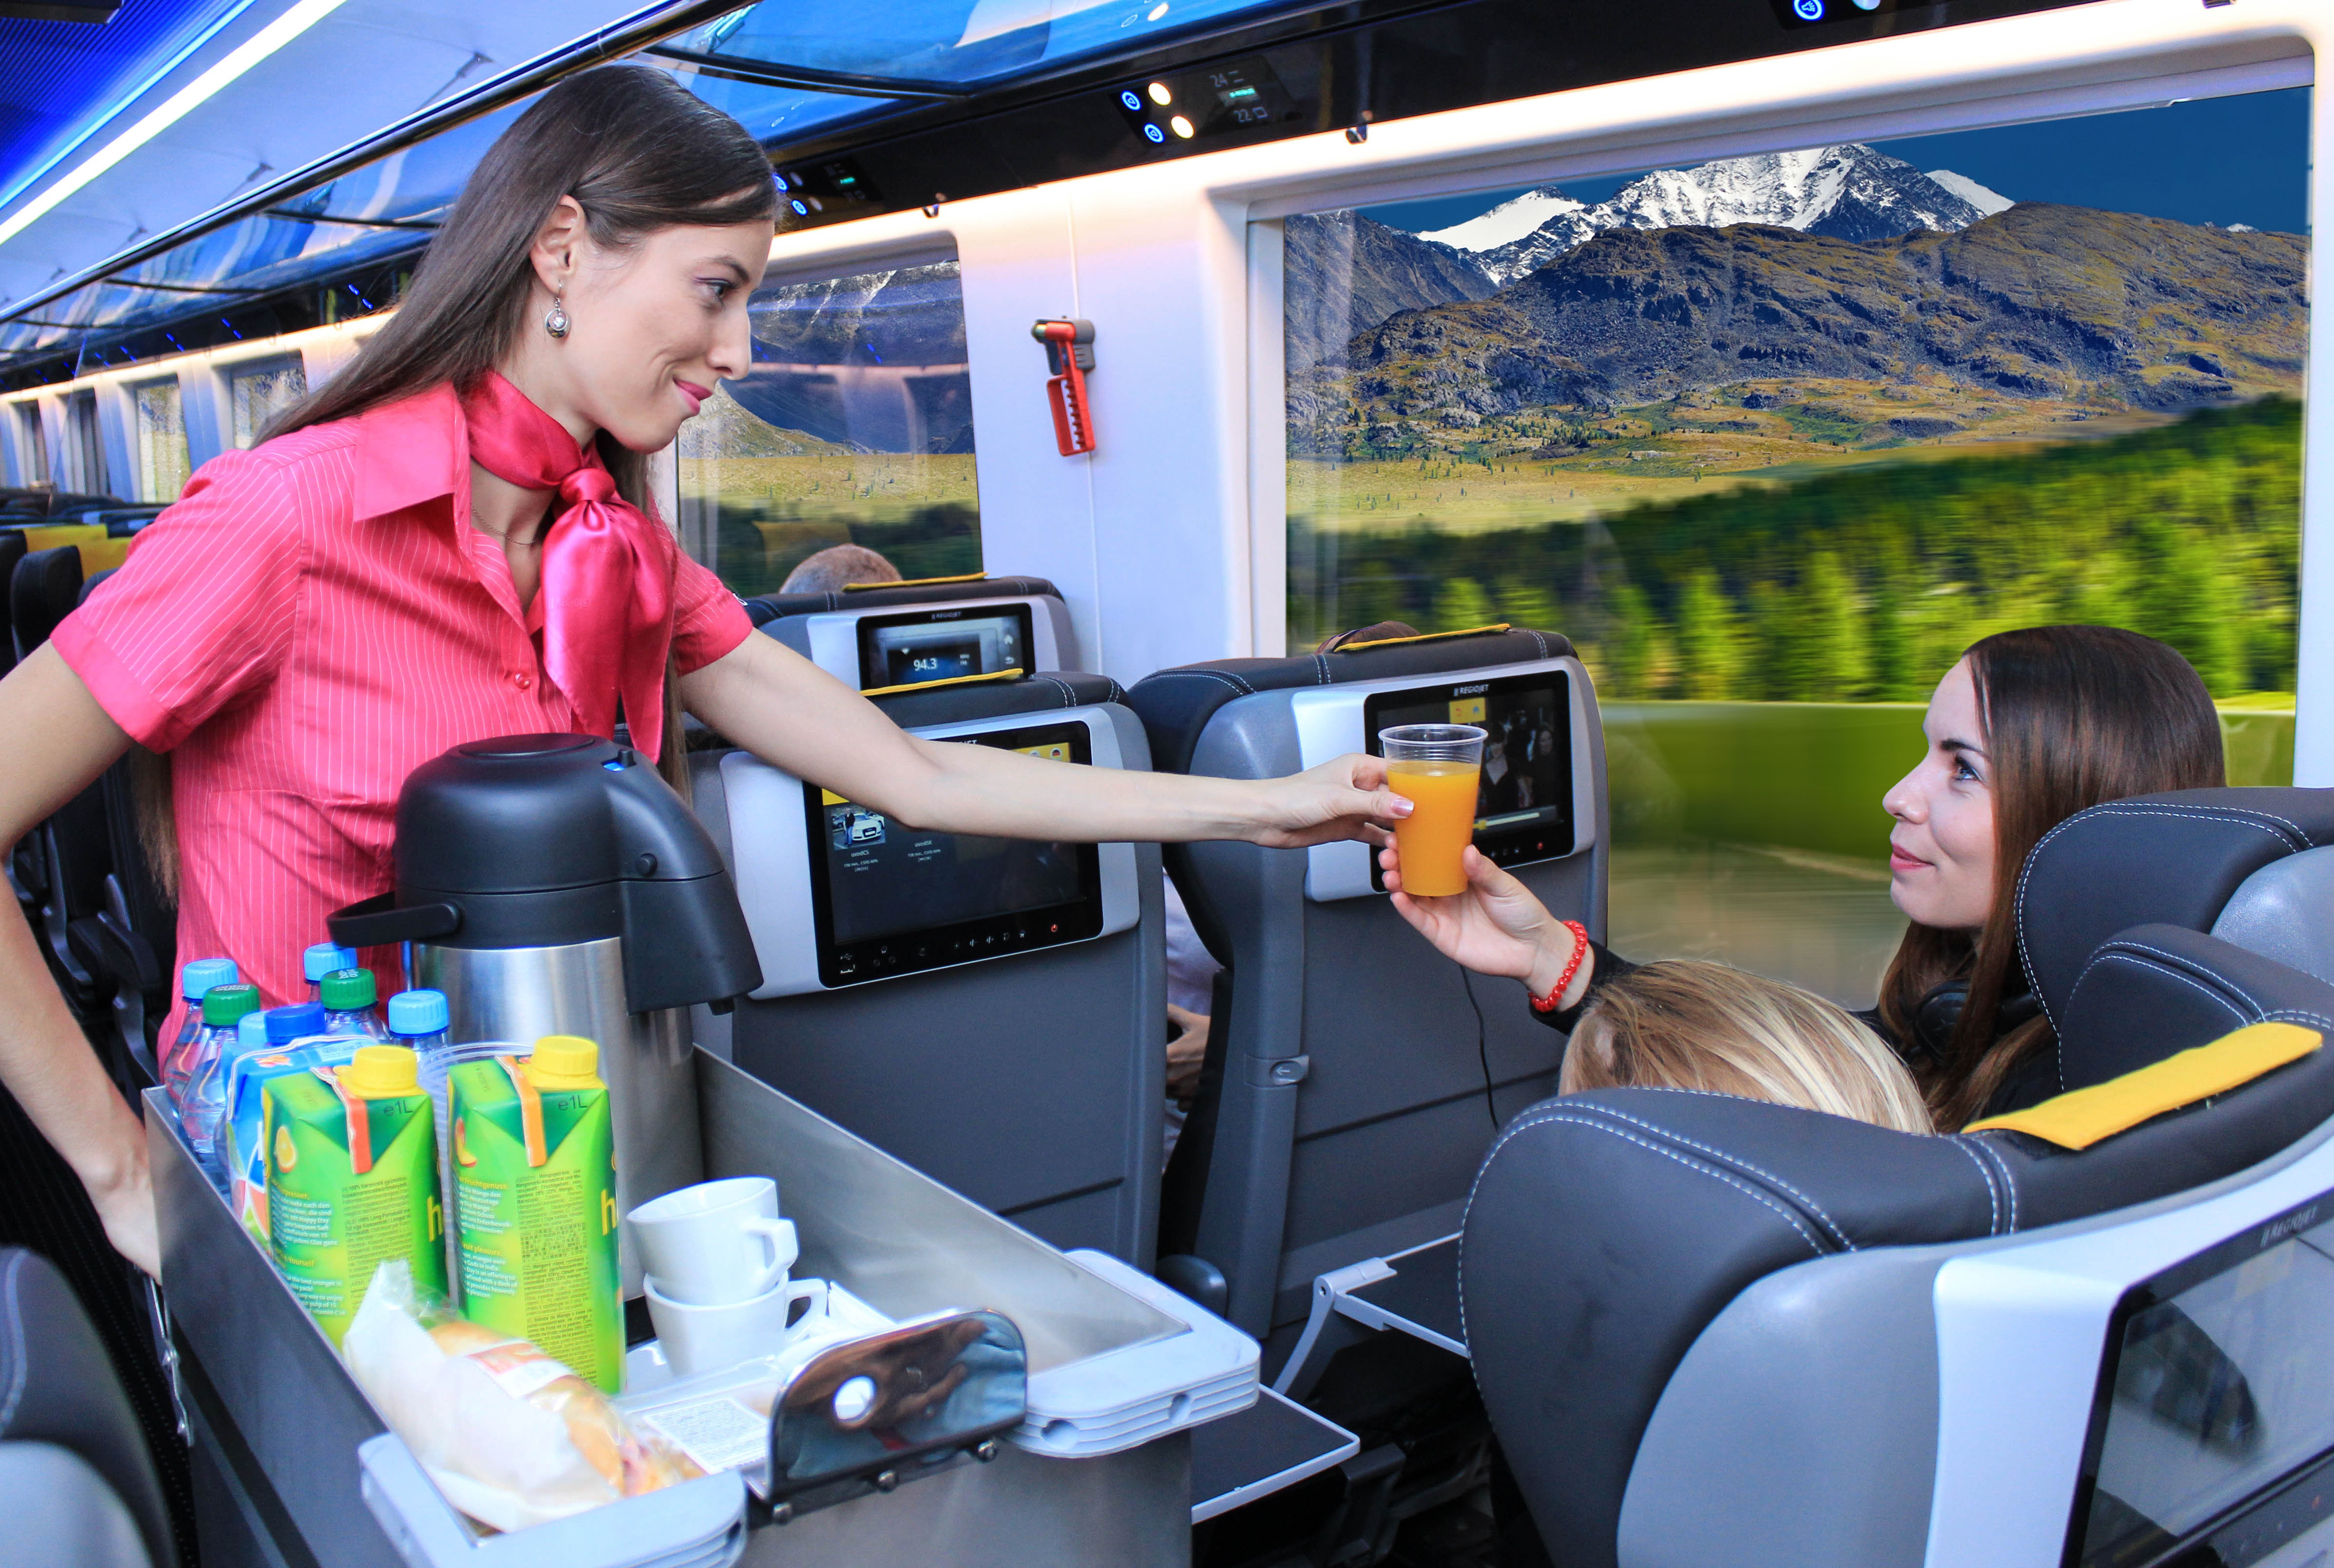 RegioJet nasadil do prevádzky aj vozne Astra s tabletmi v sedadlách - foto: RegioJet